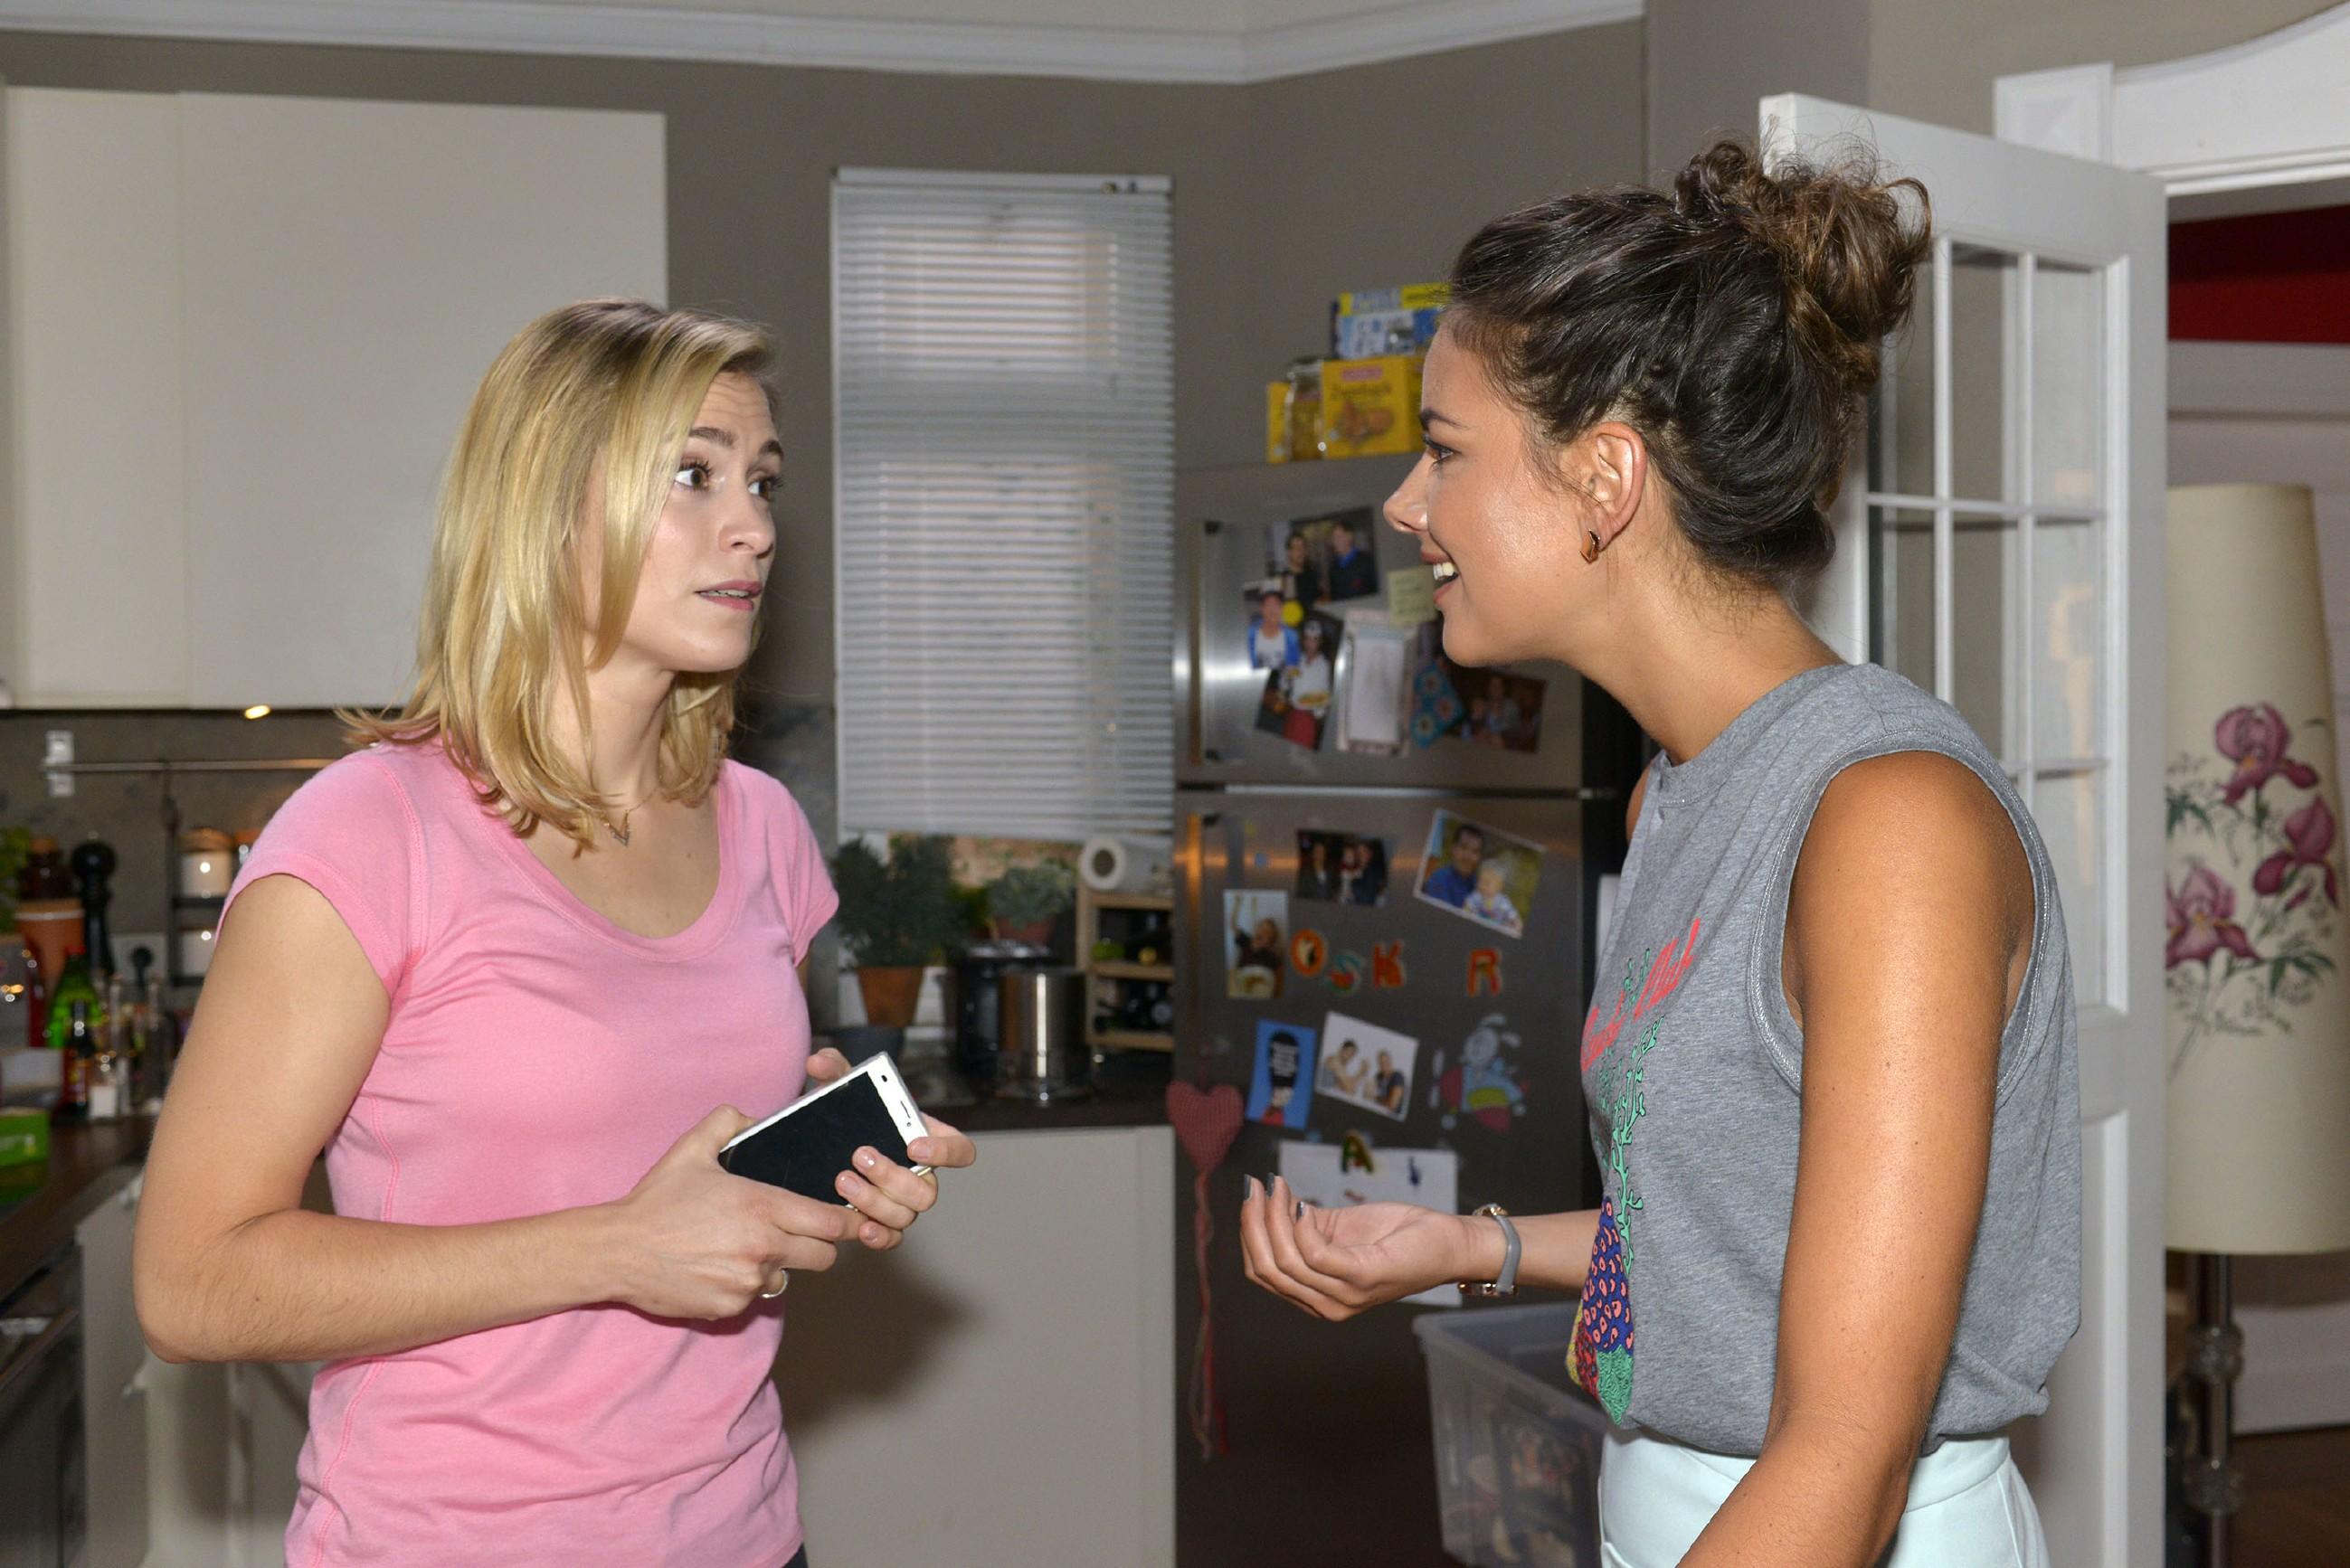 Sophie (Lea Marlen Woitack, l.) fragt sich in Gegenwart von Jasmin (Janina Uhse), wie sie Karriere und Schwangerschaft unter einen Hut bringen soll. (Quelle: RTL / Rolf Baumgartner)